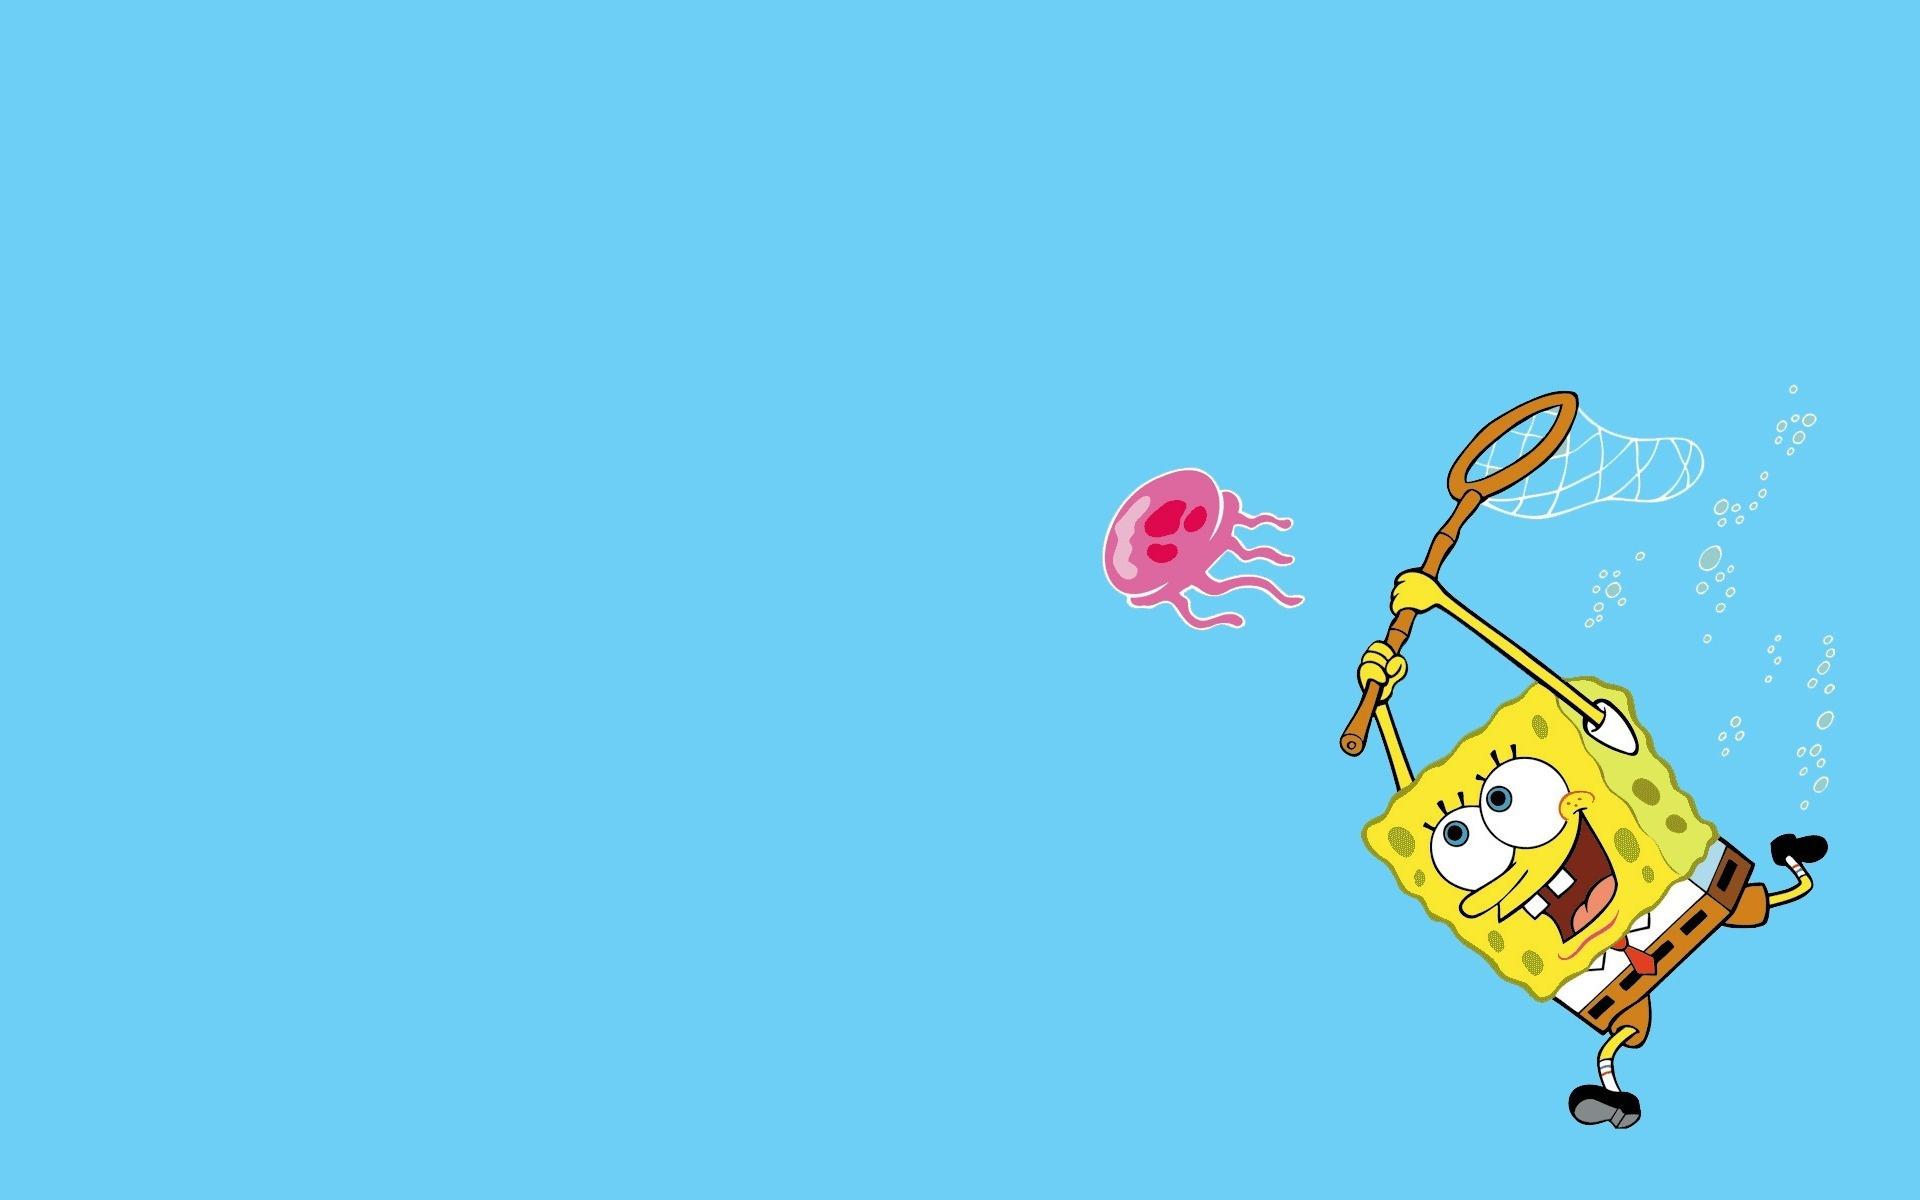 spongebob squarepants wallpaper 49597